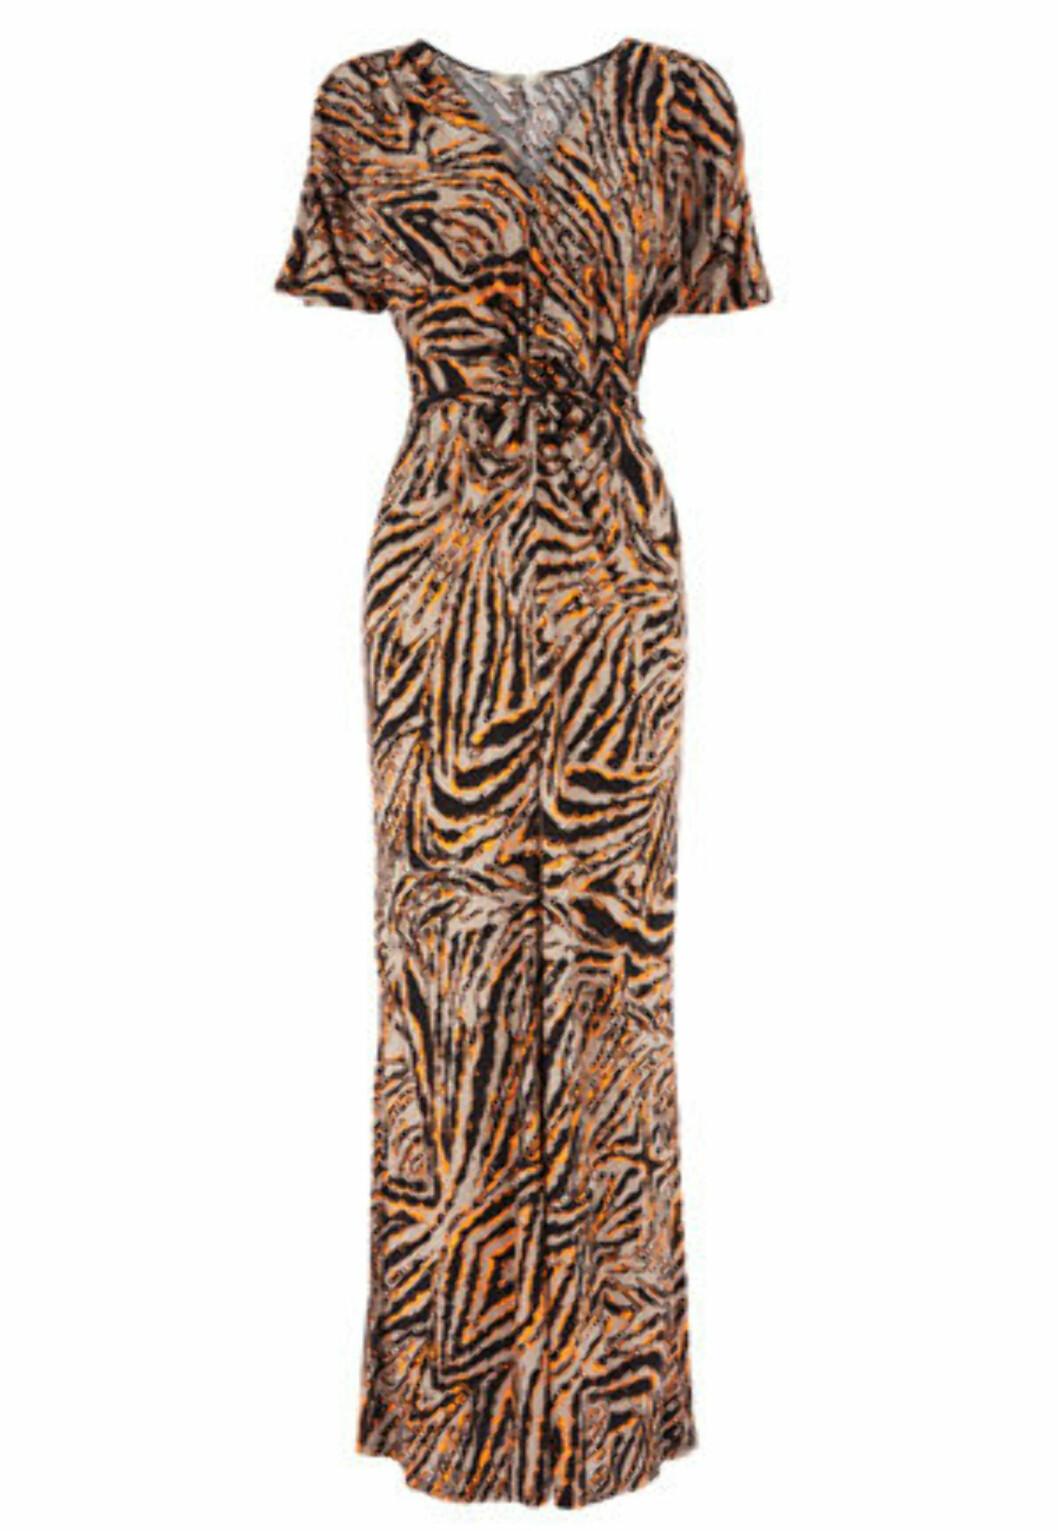 Dyremønstret kjole (ca kr 550/Oasis). Foto: Produsent